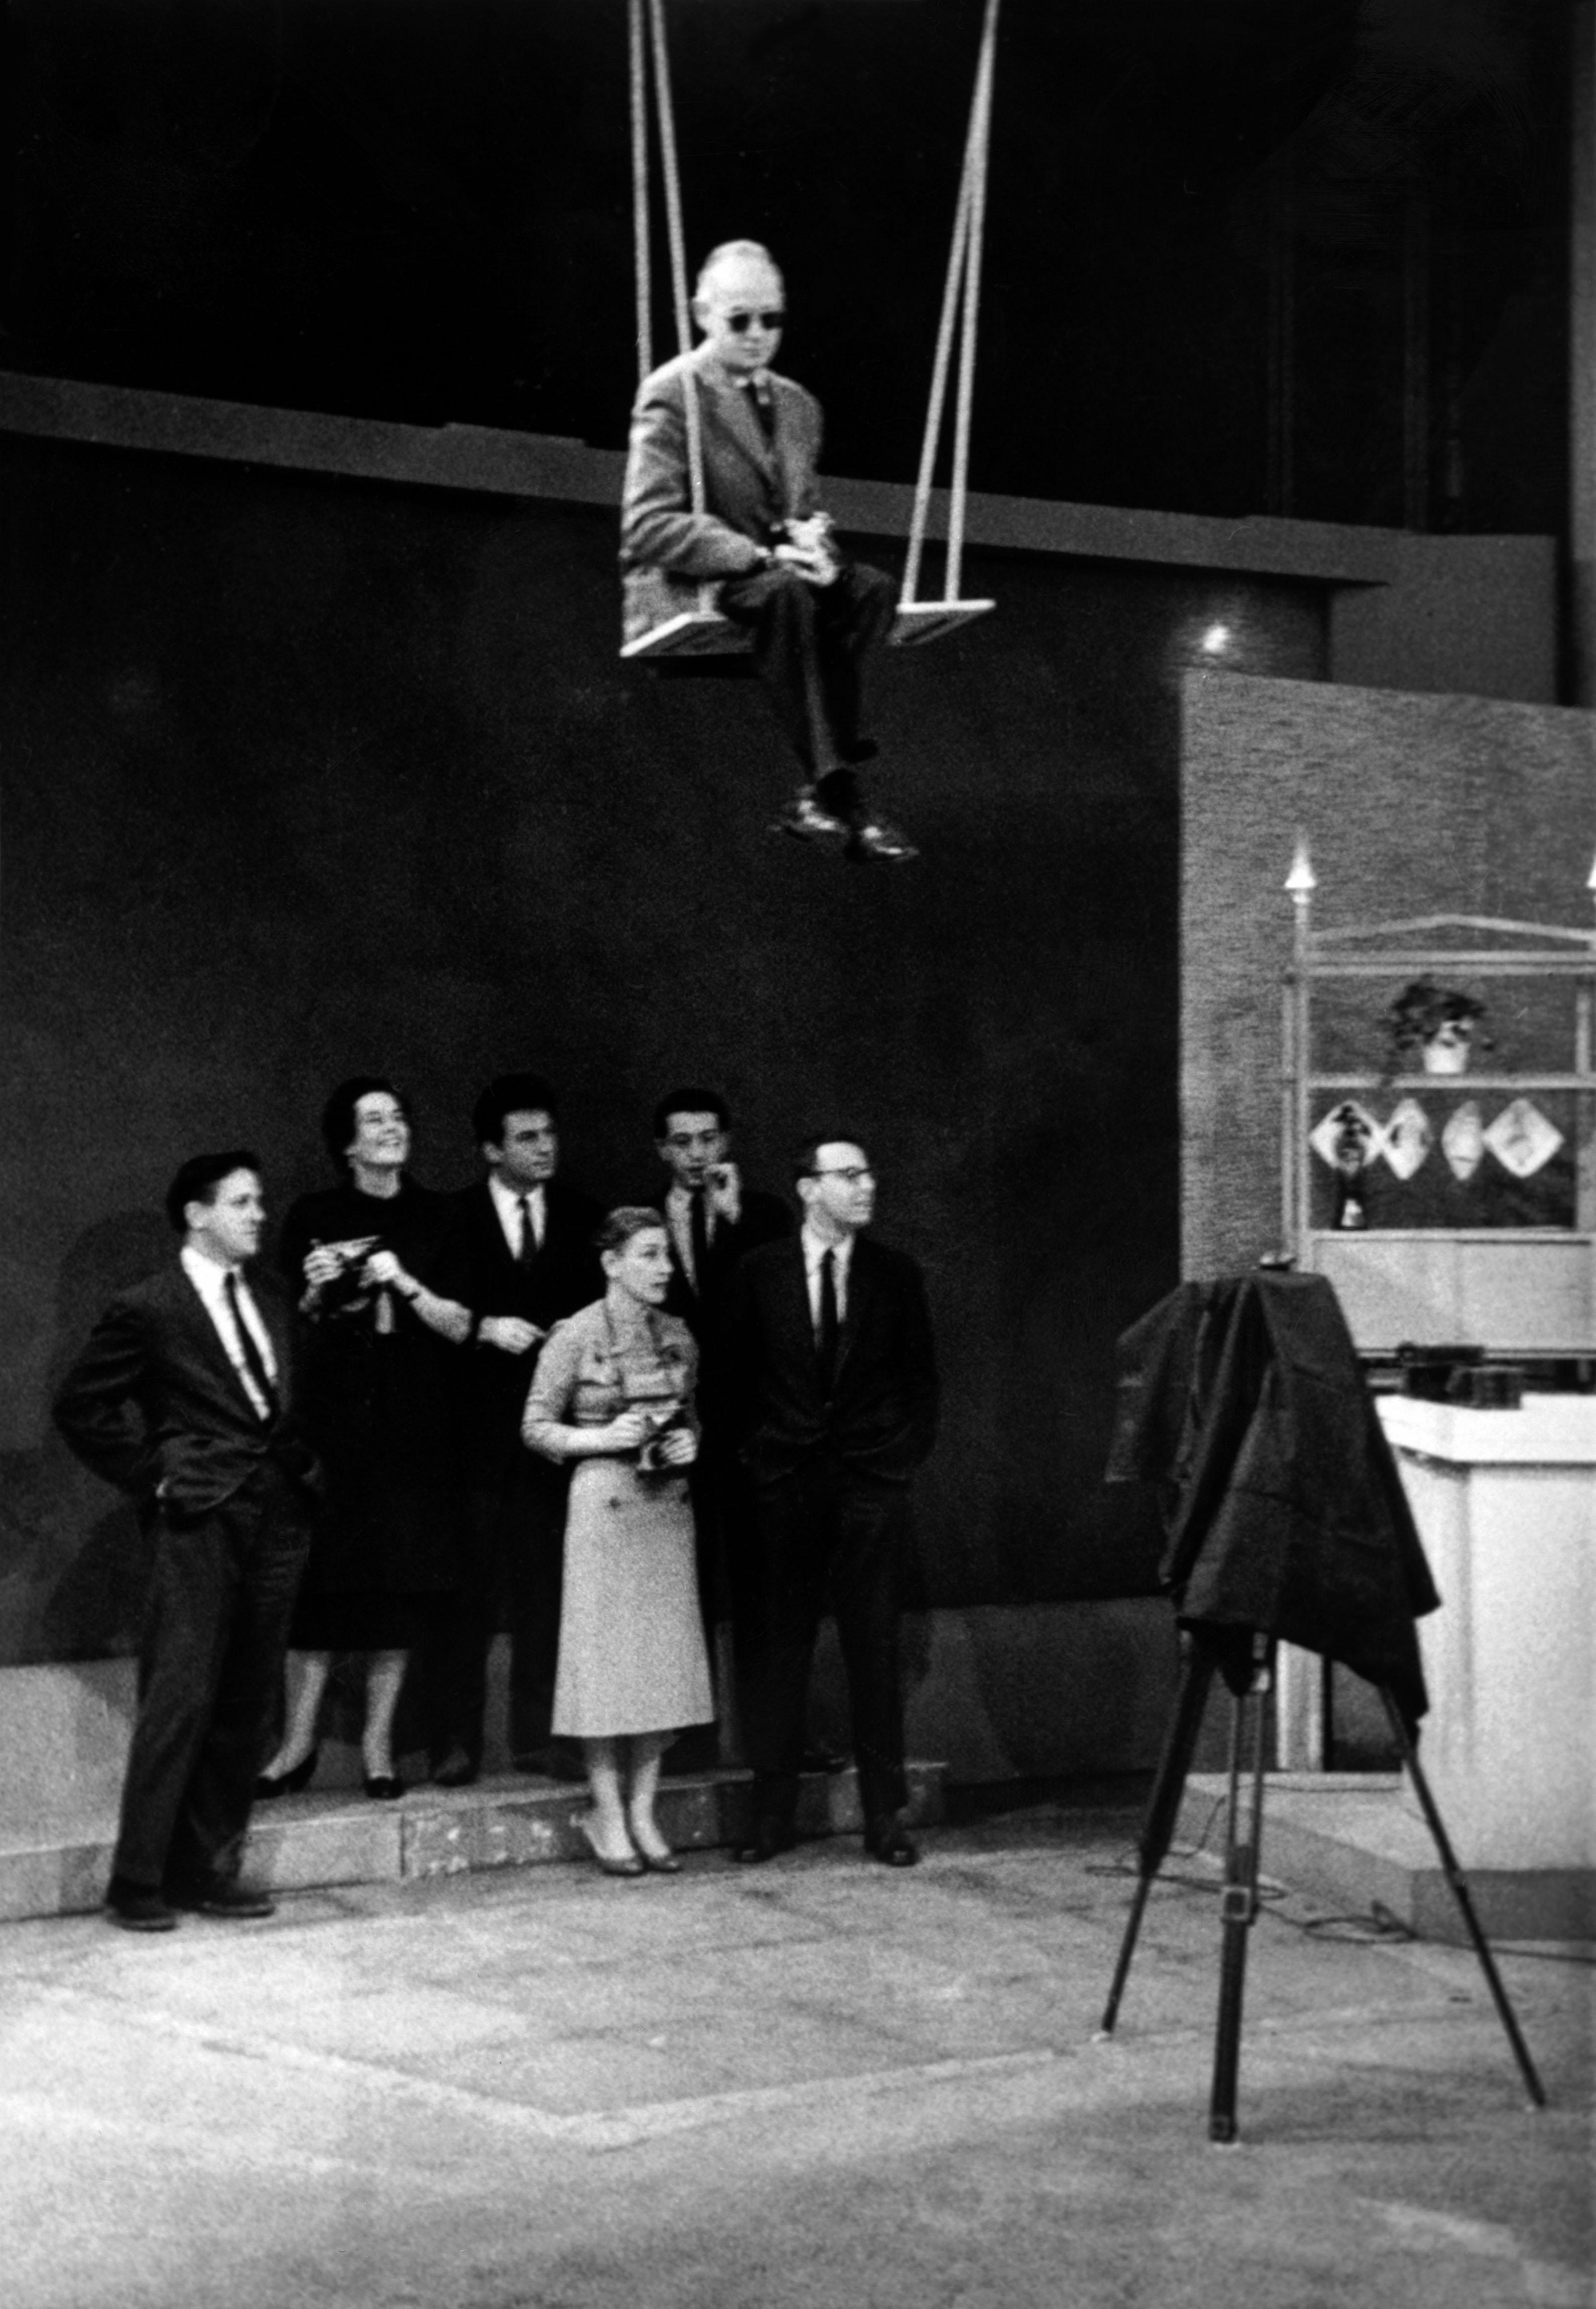 Magnum members, 1955